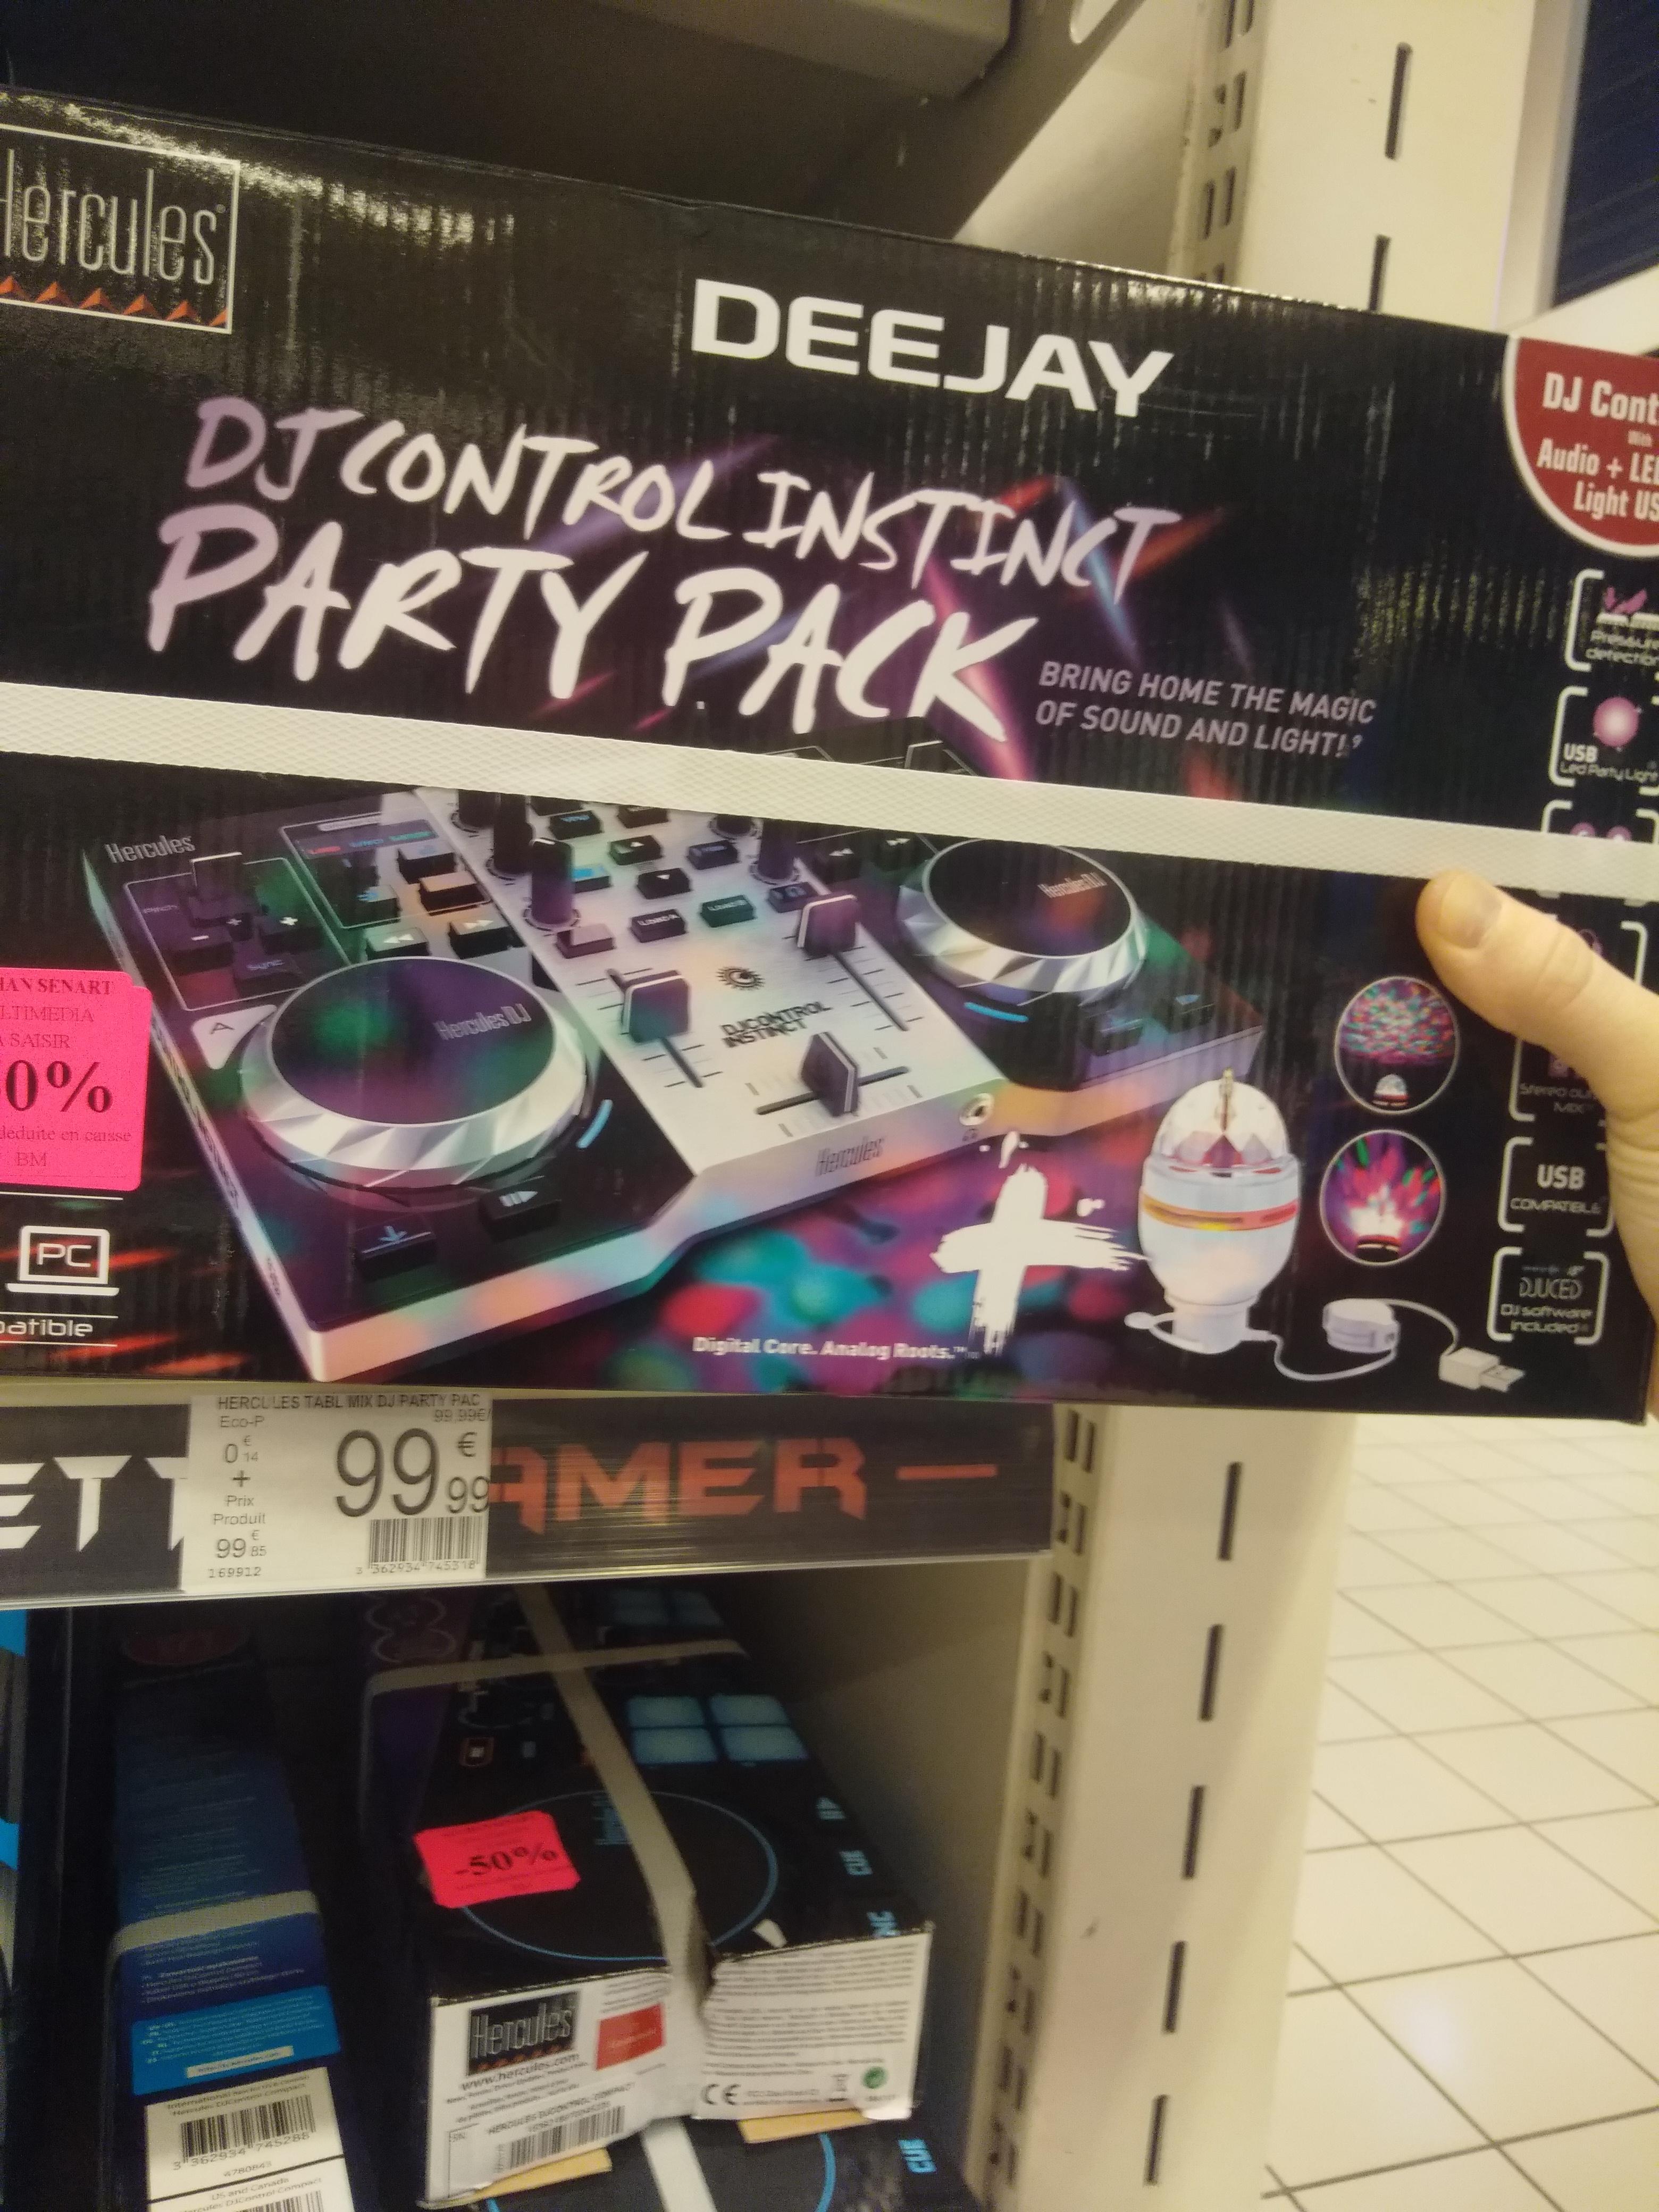 DJ Control différents modèles : Instinct Party Pack - Melun (77)